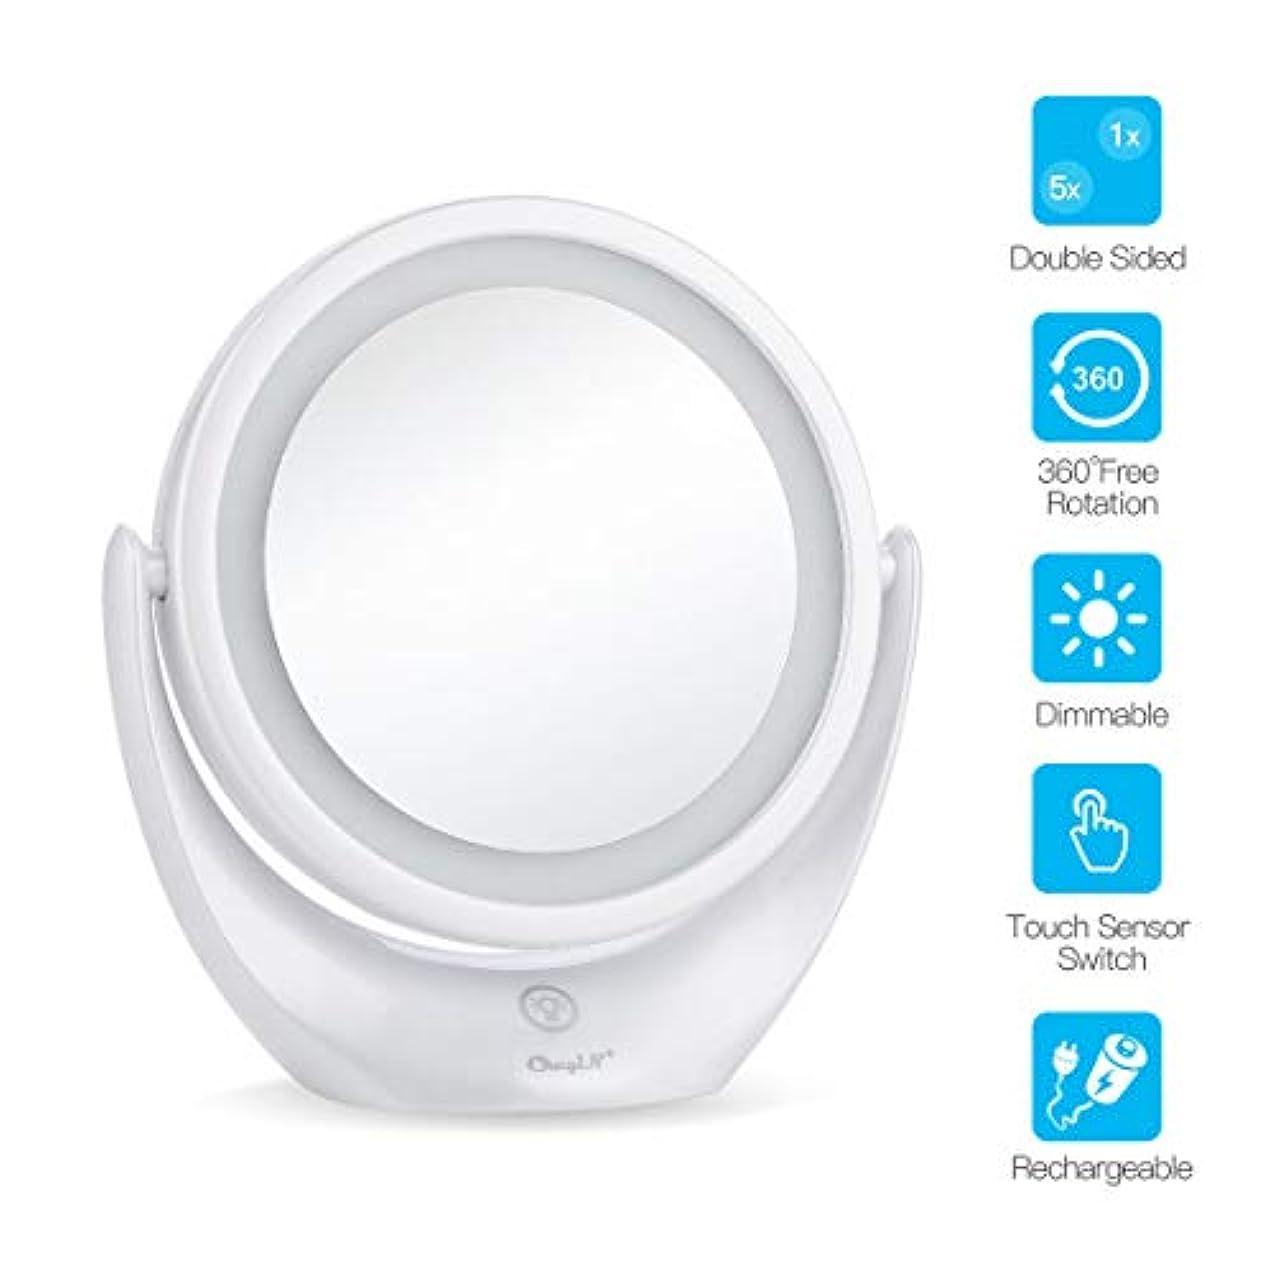 乳剤学生船酔い卓上ミラー 化粧鏡 スタンドミラー 鏡 両面鏡 浴室鏡 メイクミラー led付き 充電式 1倍/5倍拡大鏡 明るさ調節 360度回転